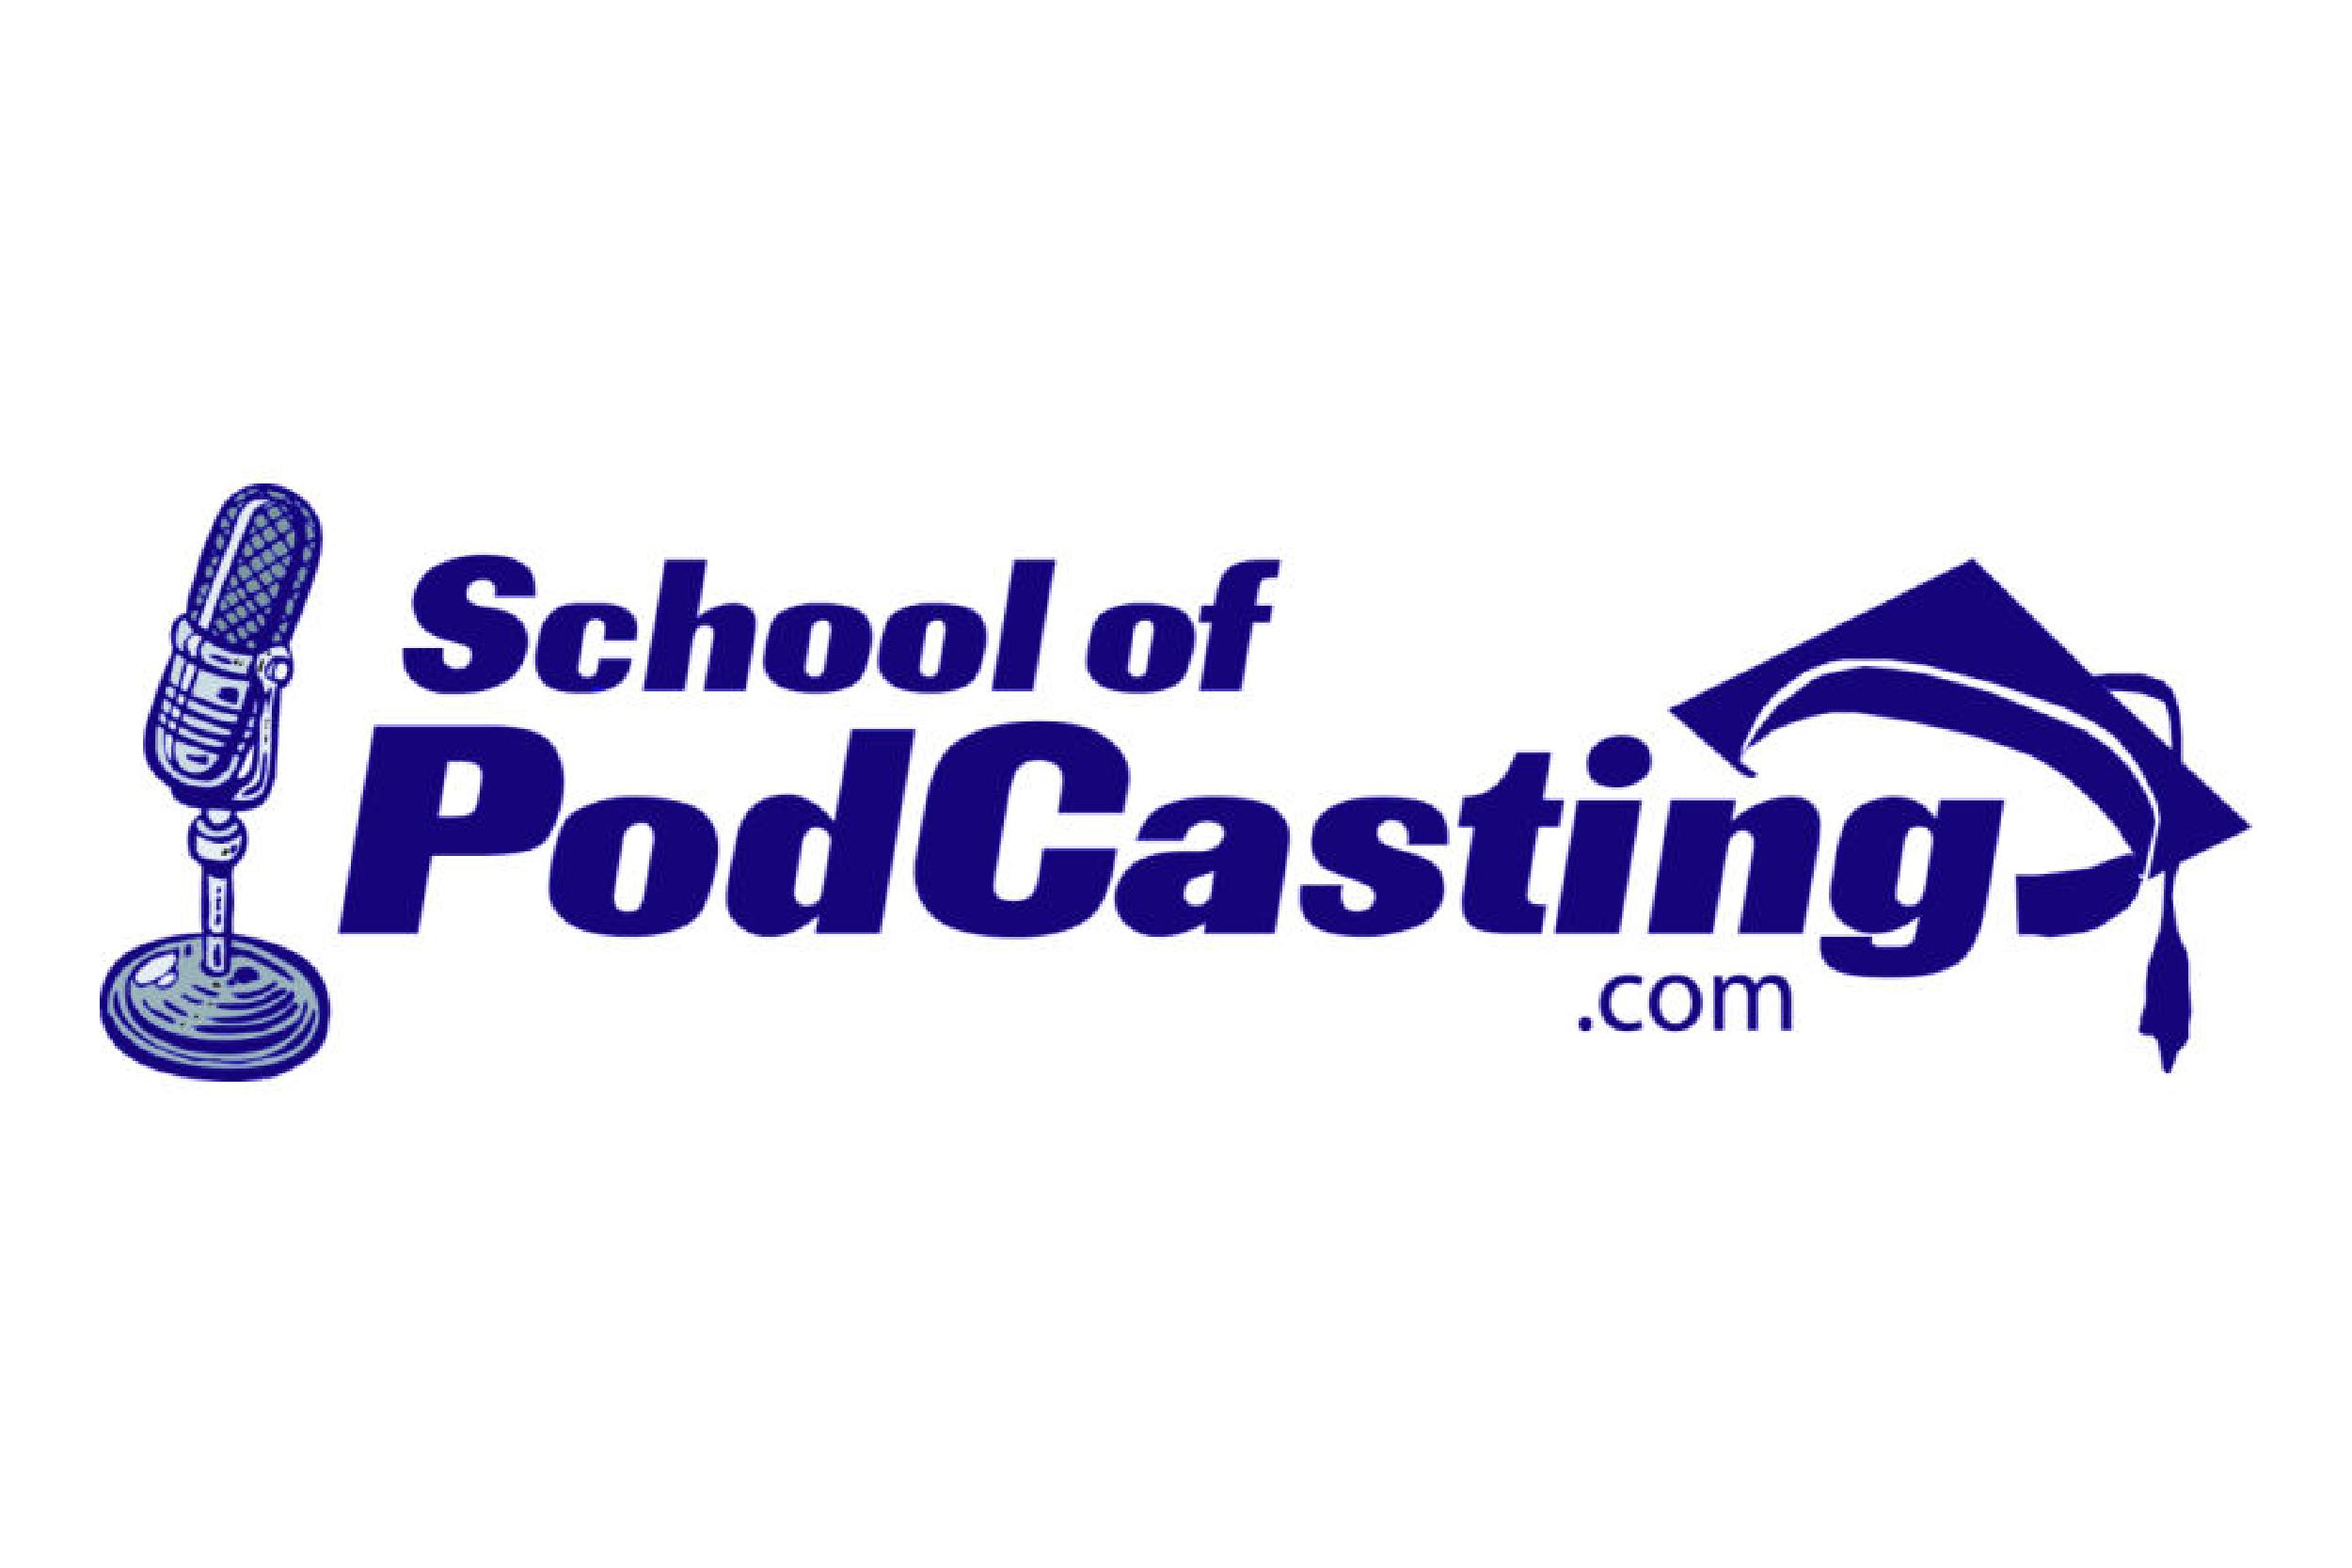 SchoolofPodCasting.com